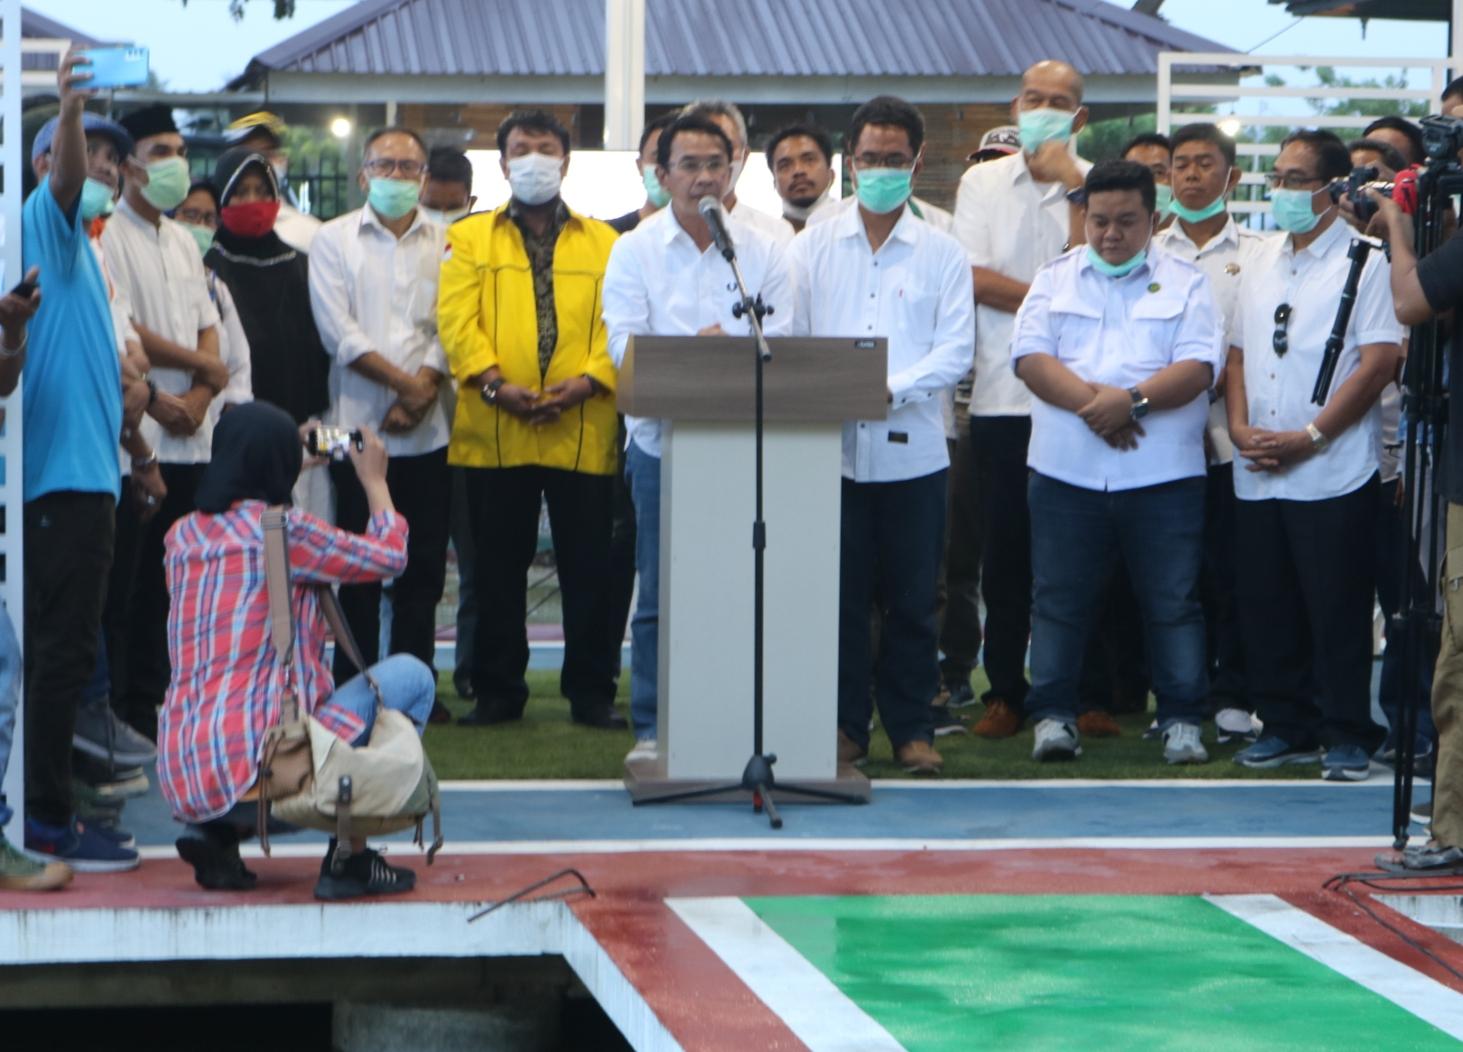 Pasangan calon Bupati dan Wakil Bupati Sigi, Mohamad Irwan dan Samuel Y Pongi didamping tim partai koalisi saat menyampaikan pidato kemenangan di Pilkada Sigi 2020./Foto: ayotau.id